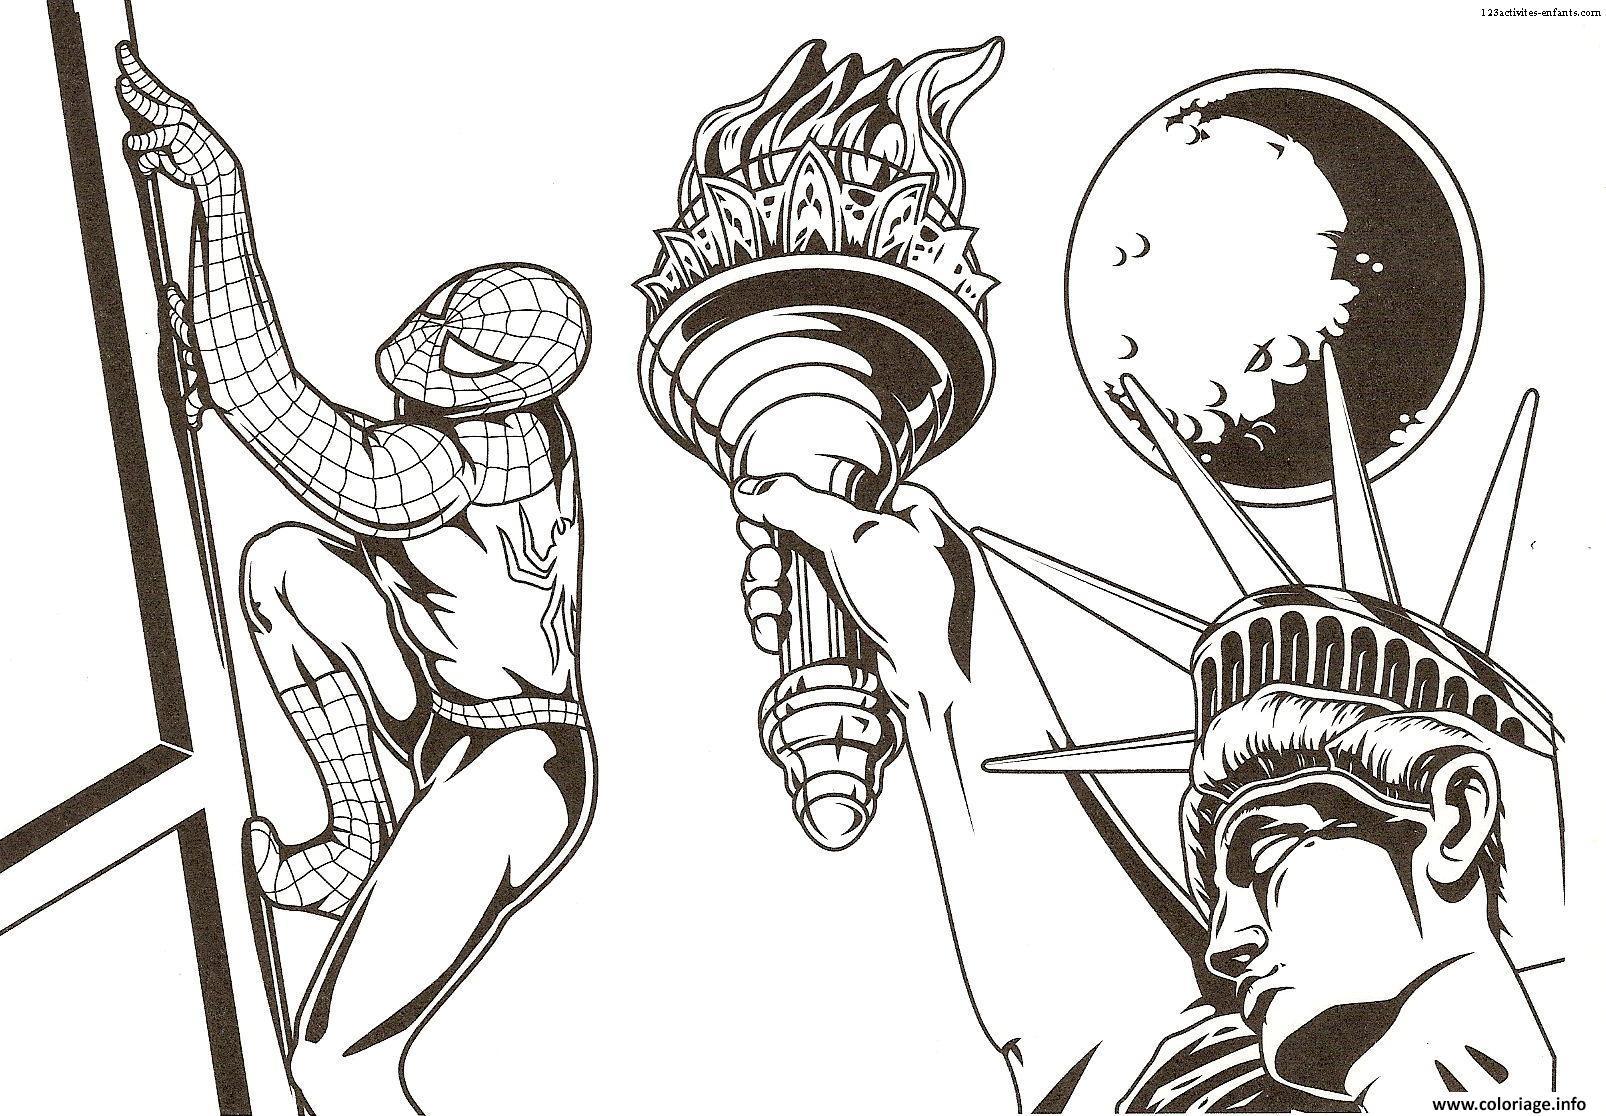 Coloriage Spiderman Dans La Ville De Newyork Avec La Status De La Liberte